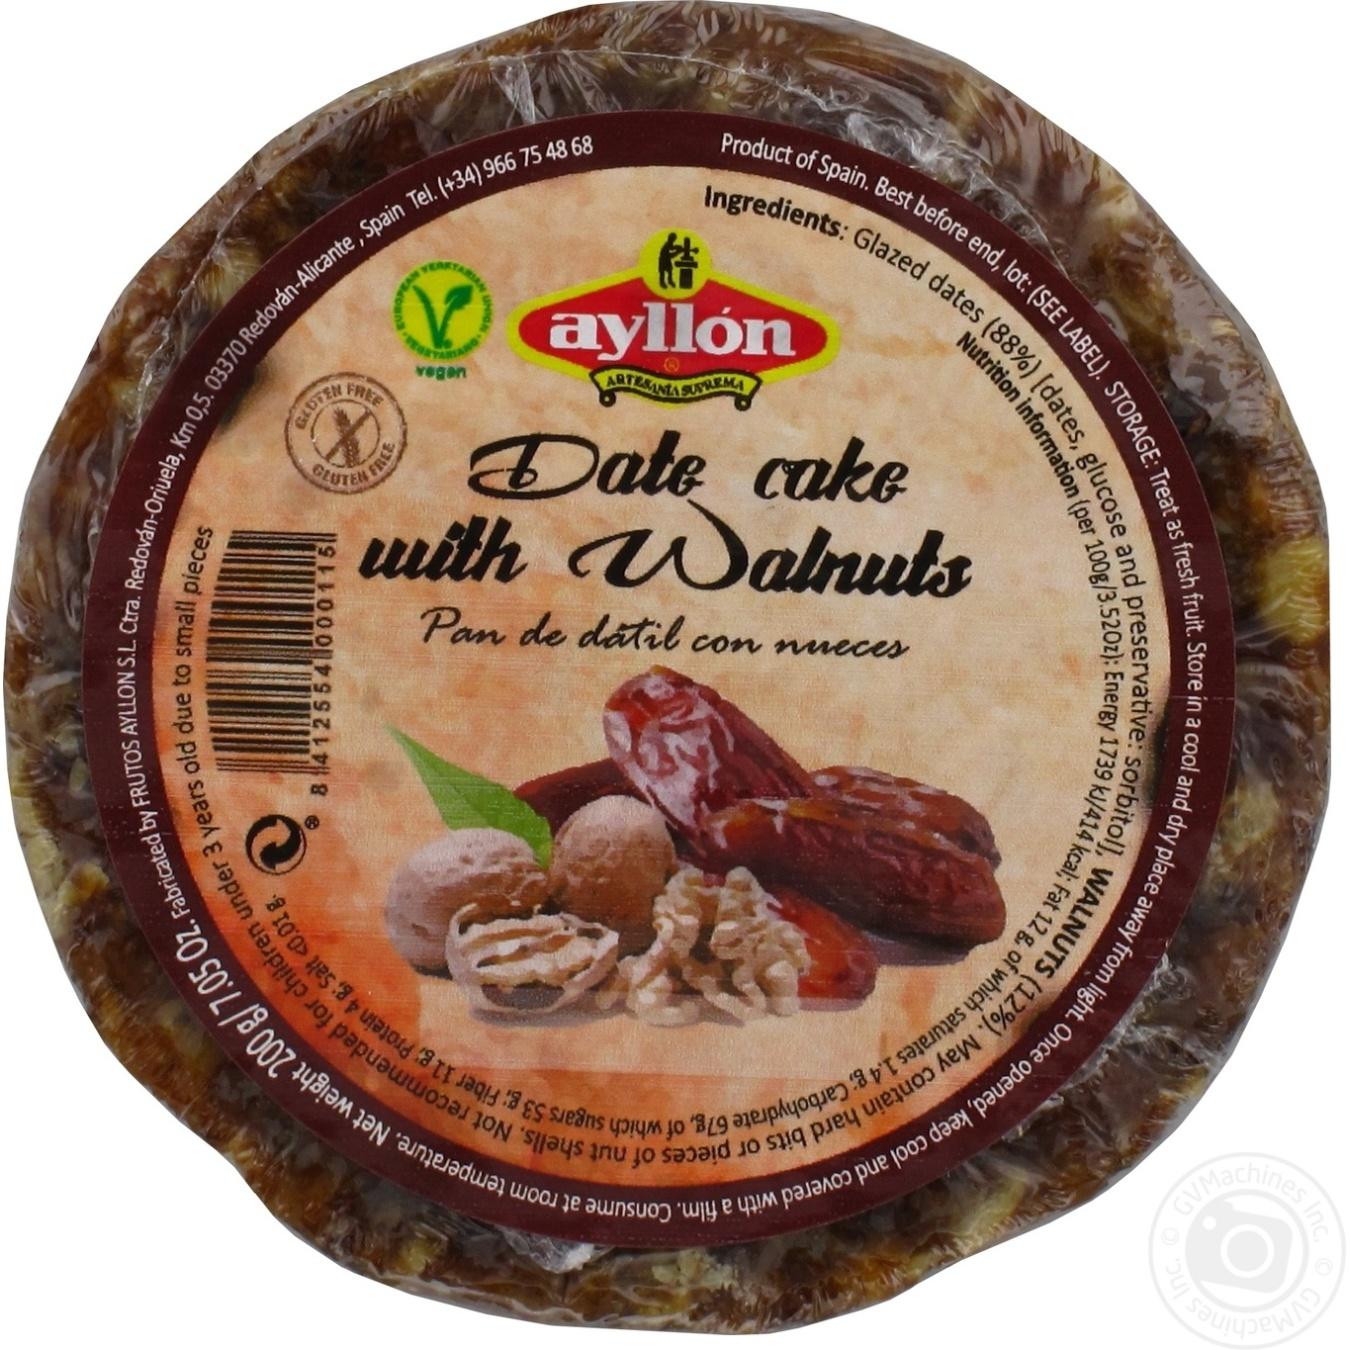 Фруктовий пиріг Ayllon фініки горіх 200г  - купить со скидкой